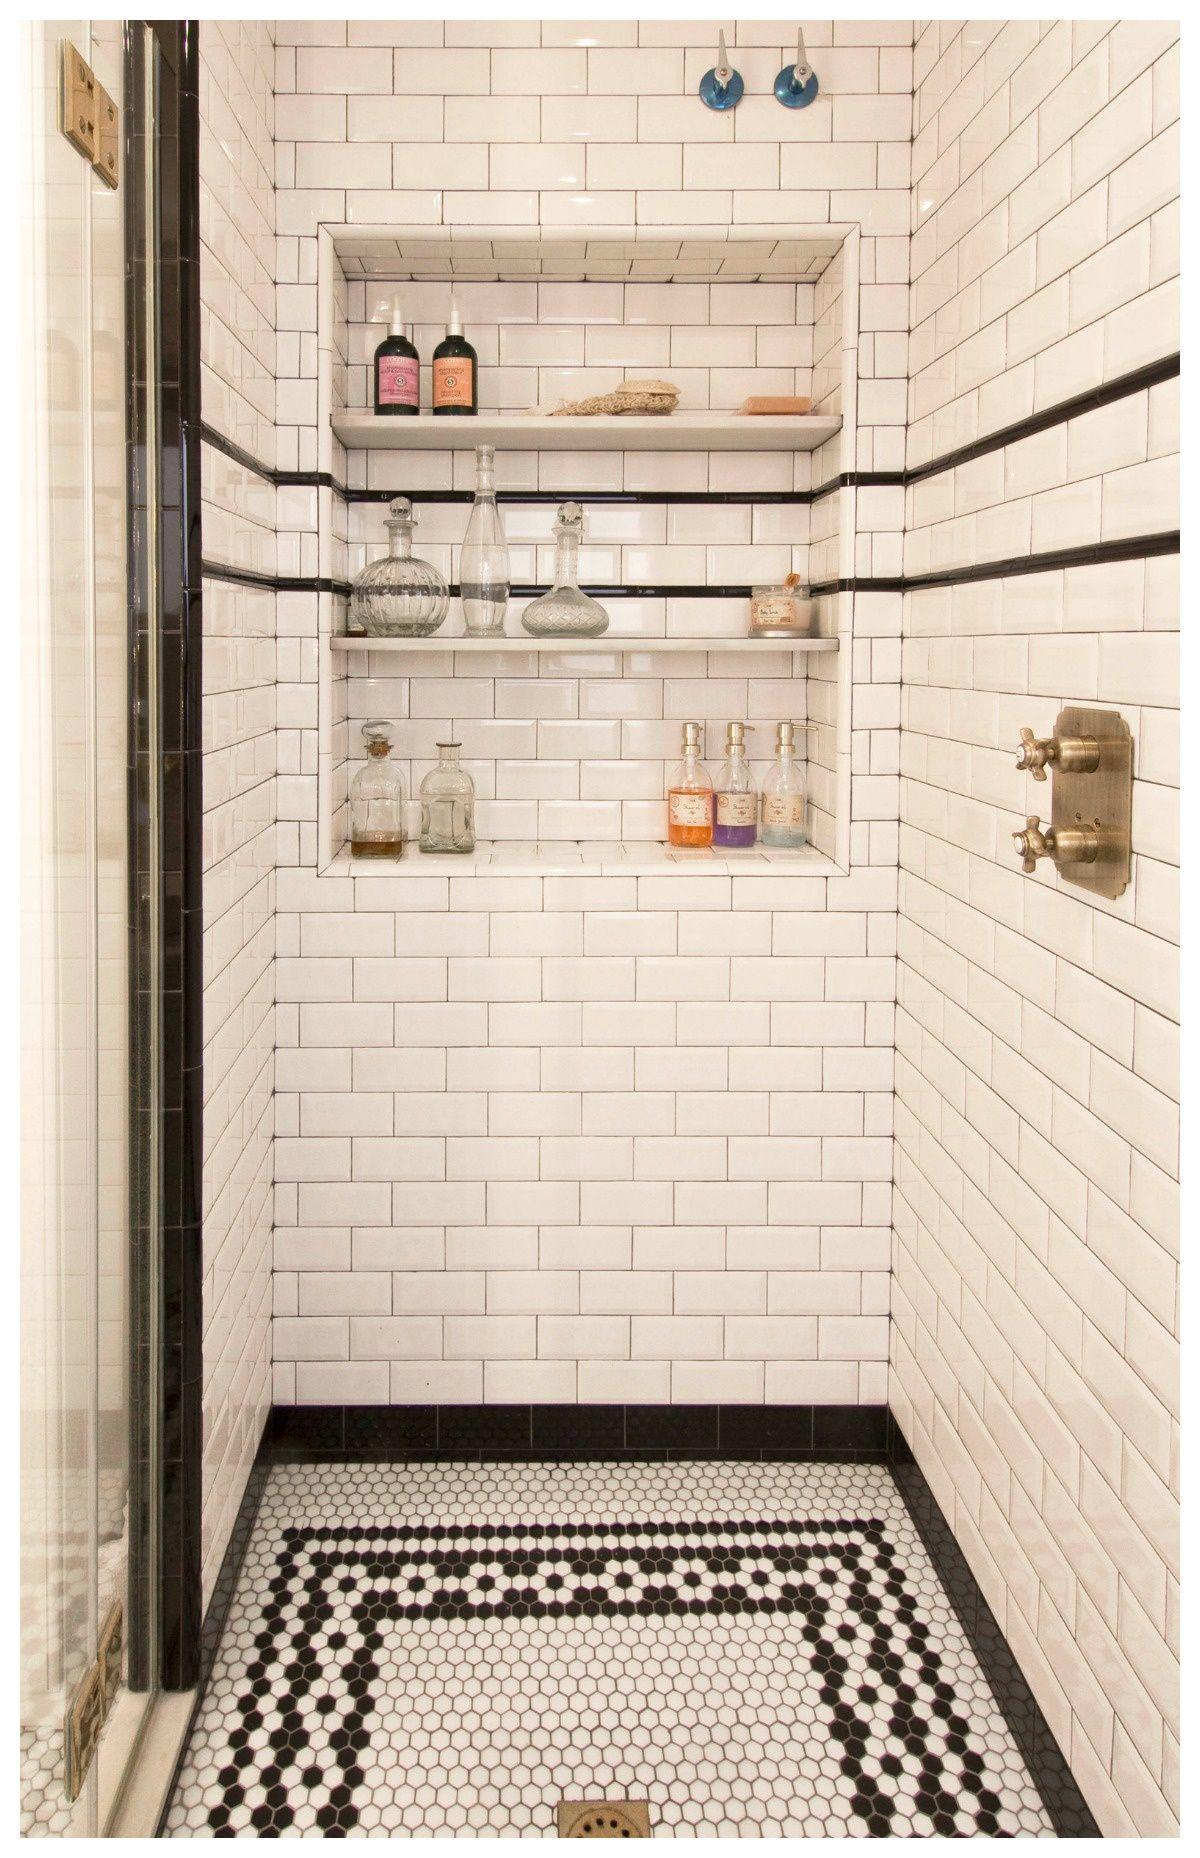 Salle De Bain Hipster ~ calma hipster pinterest salle de bains espace et salle